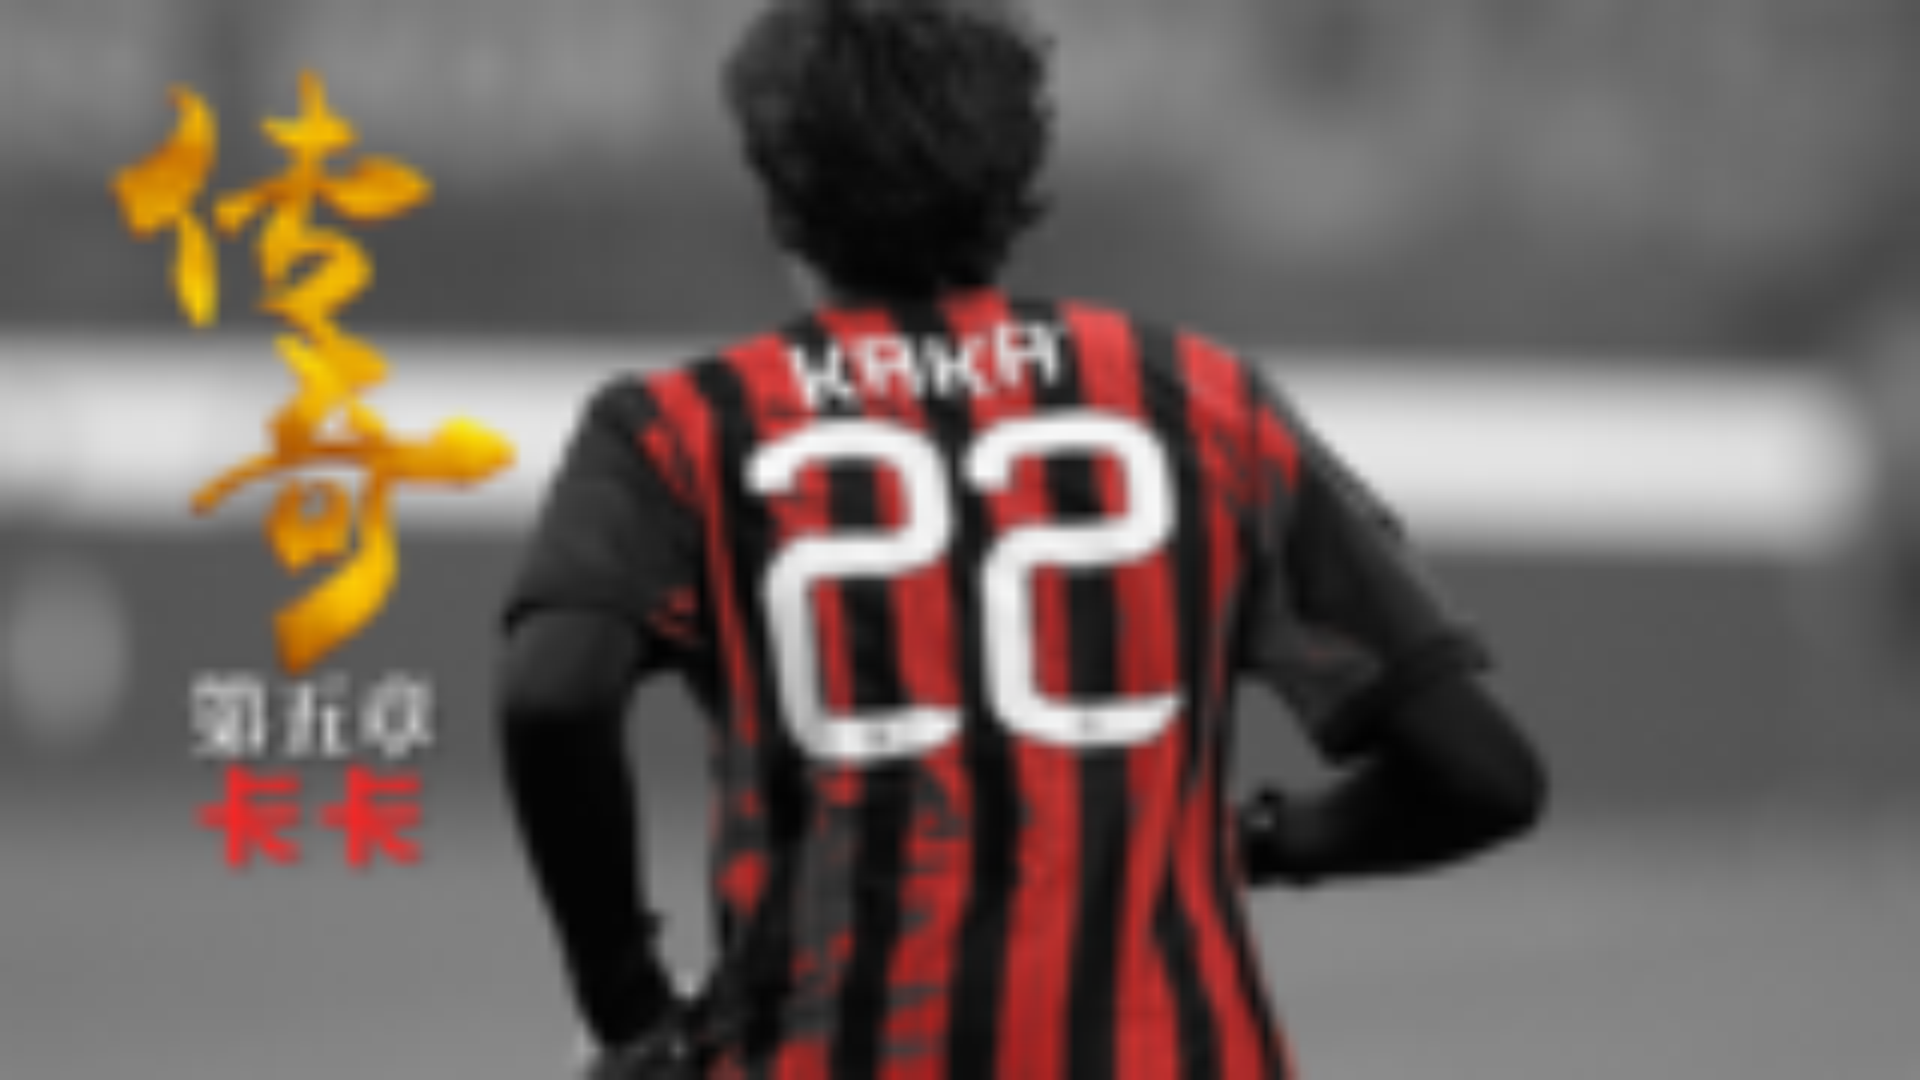 《传奇》第五章(下) 卡卡为什么是最完美的踢球者?